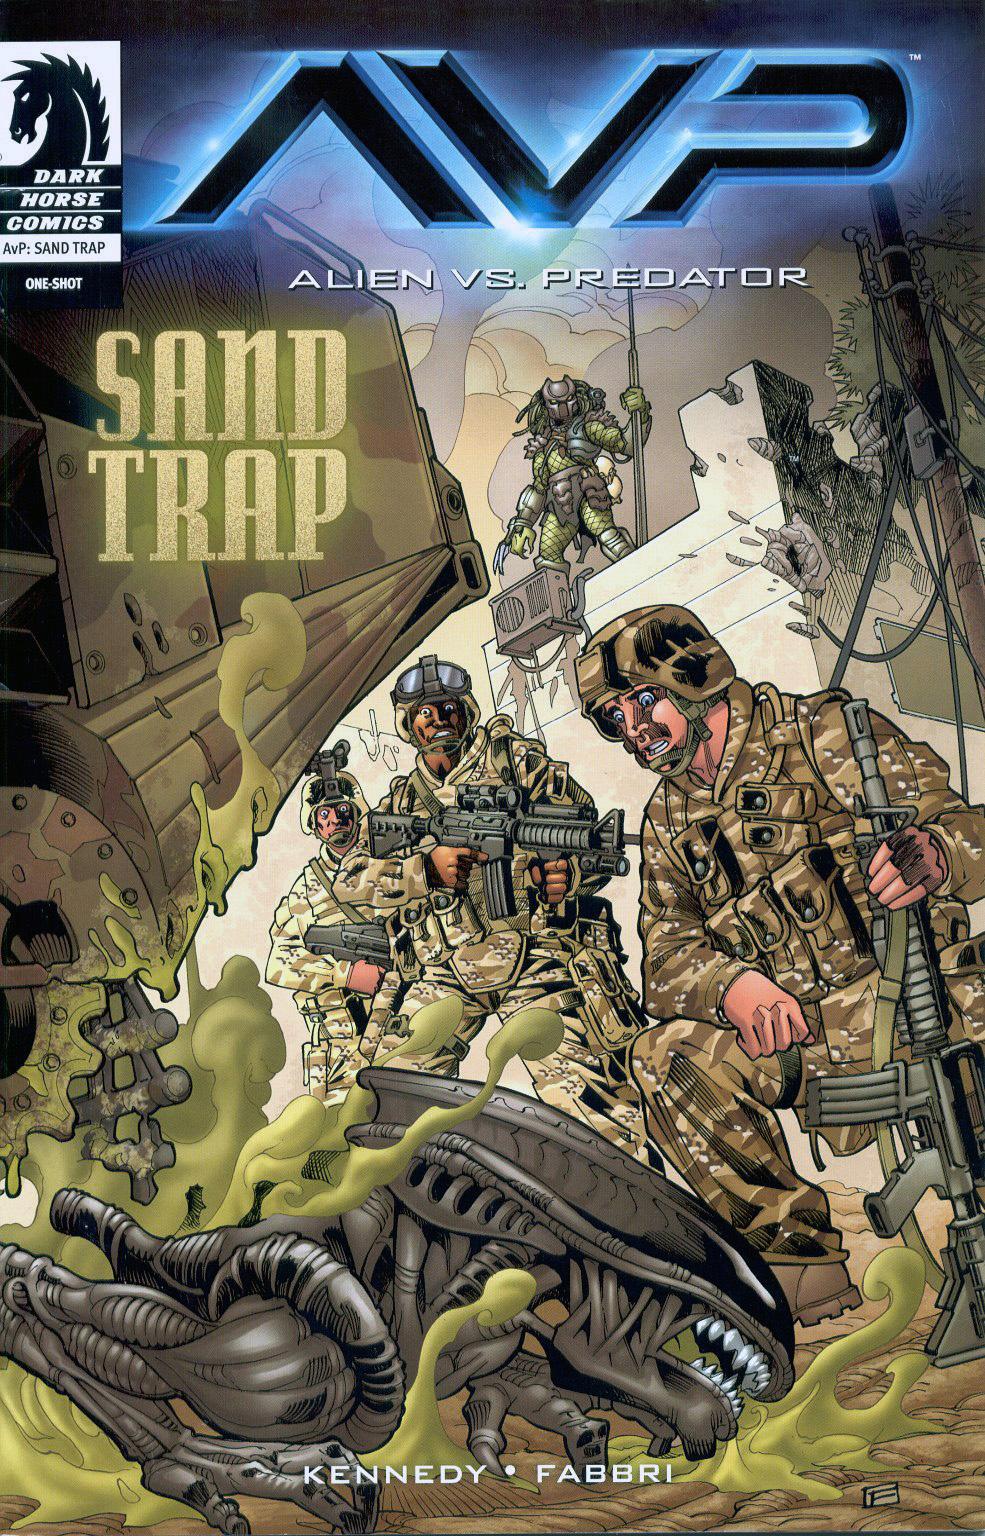 Alien vs. Predator: Sand TrapFan Feed